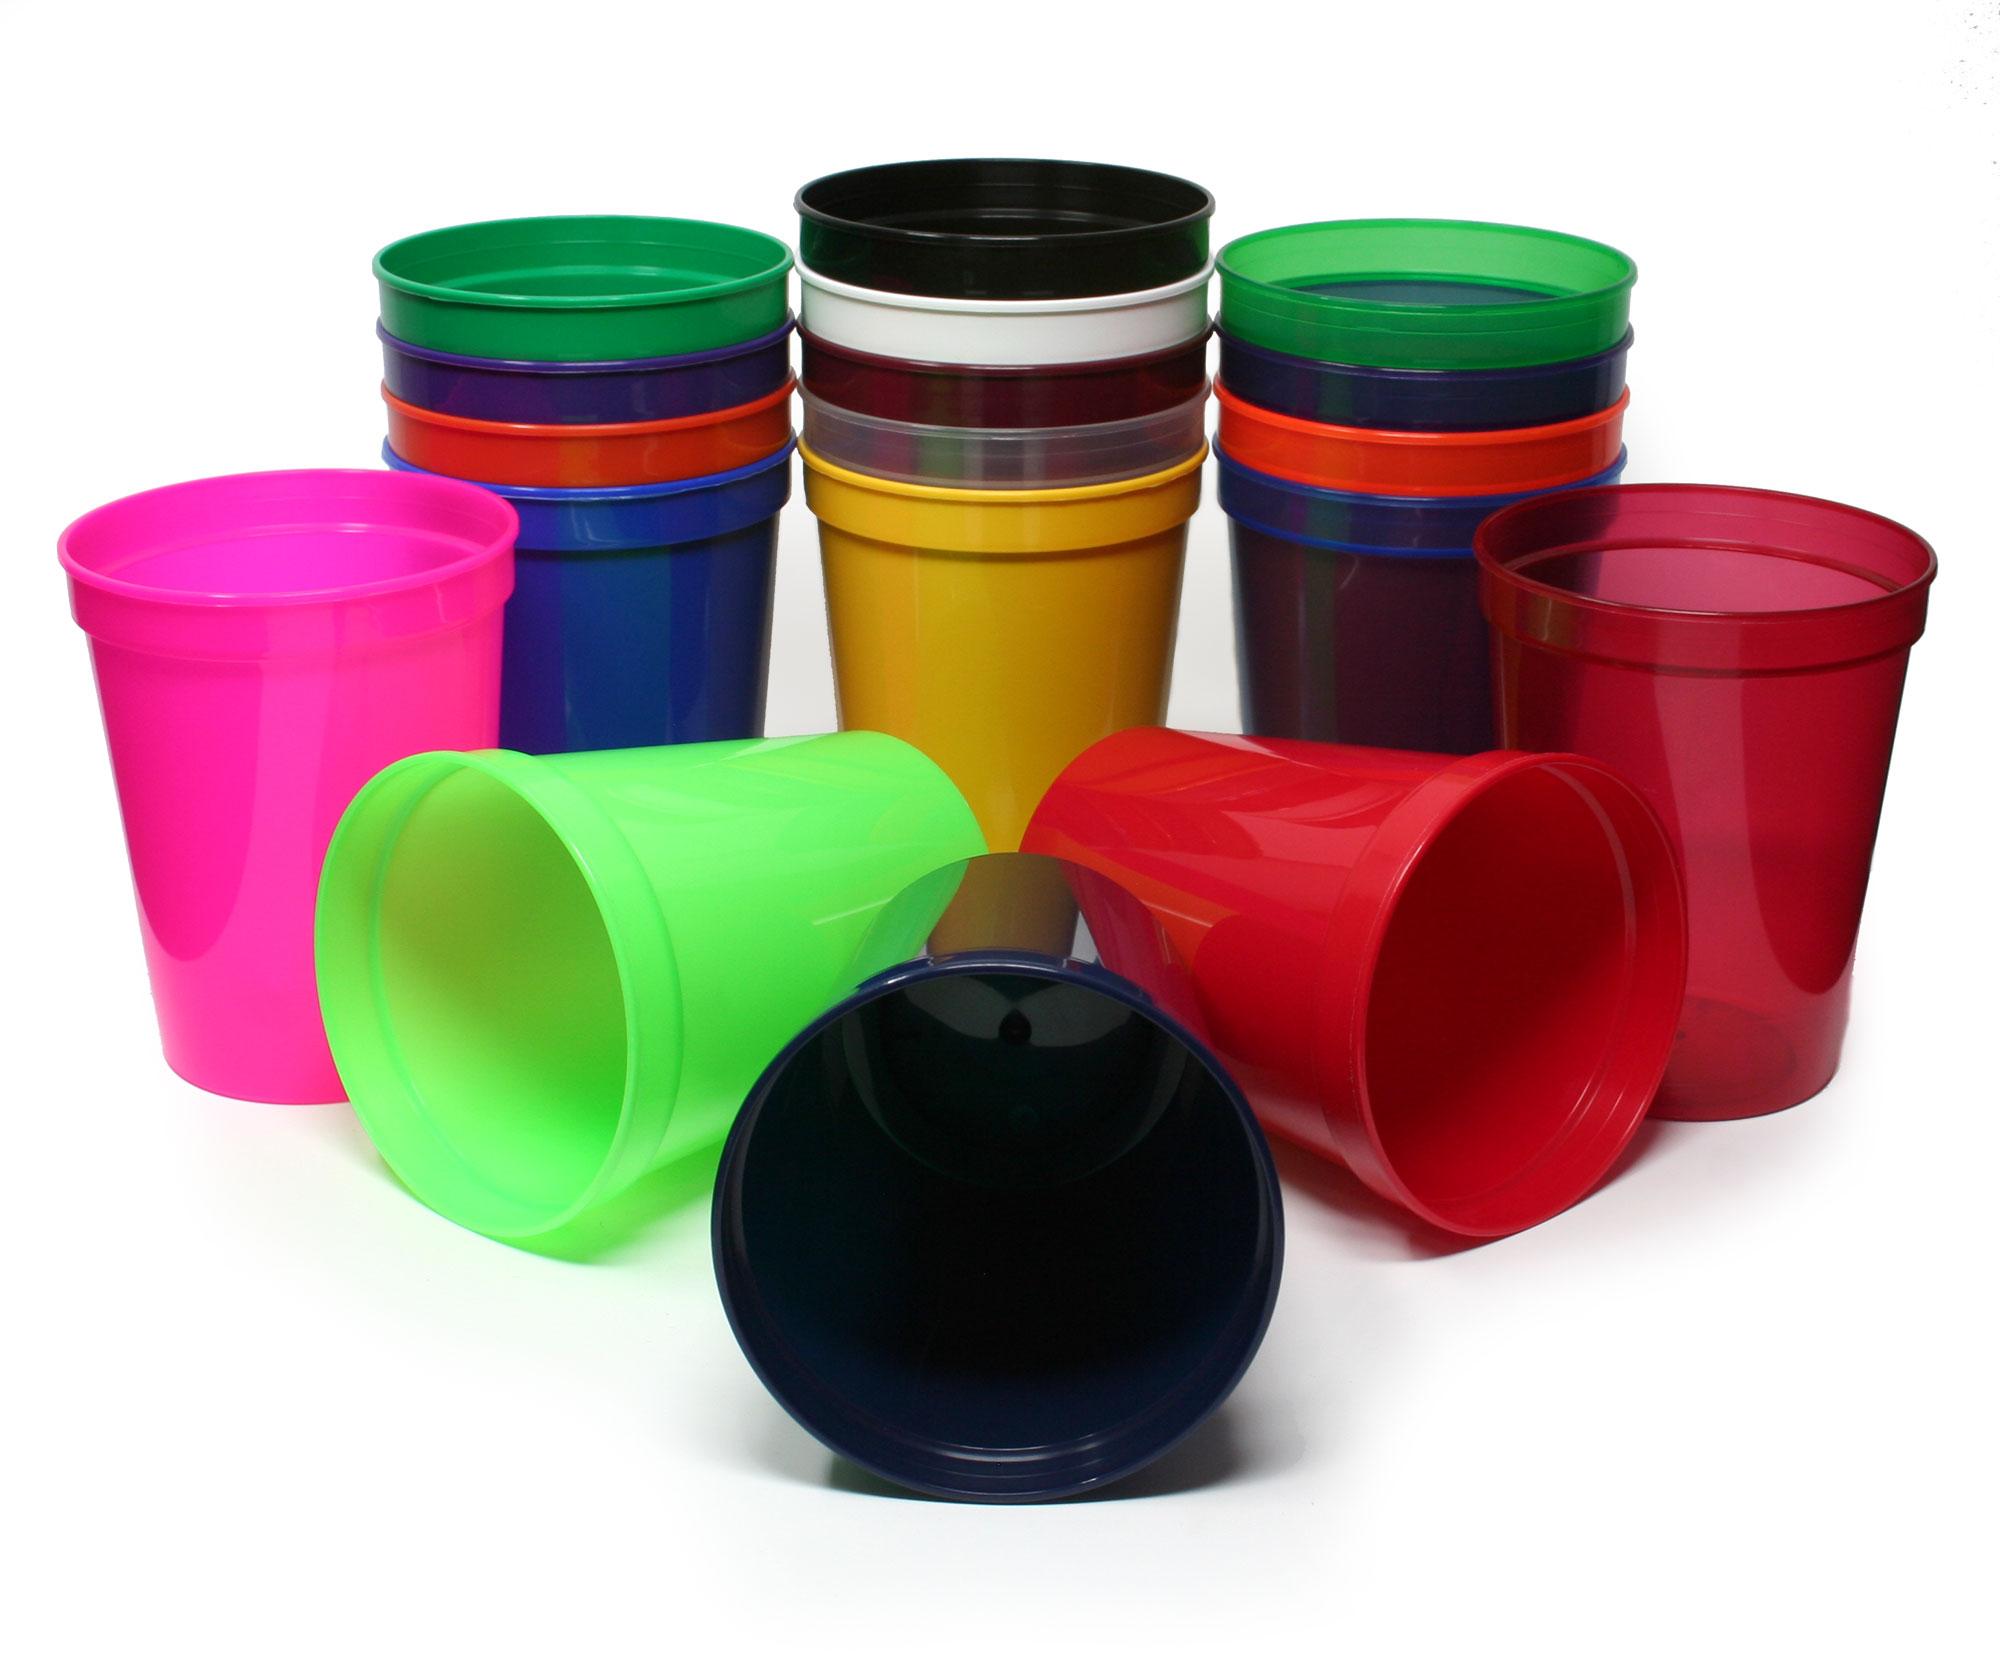 Stadium Cups in Eighteen Colors